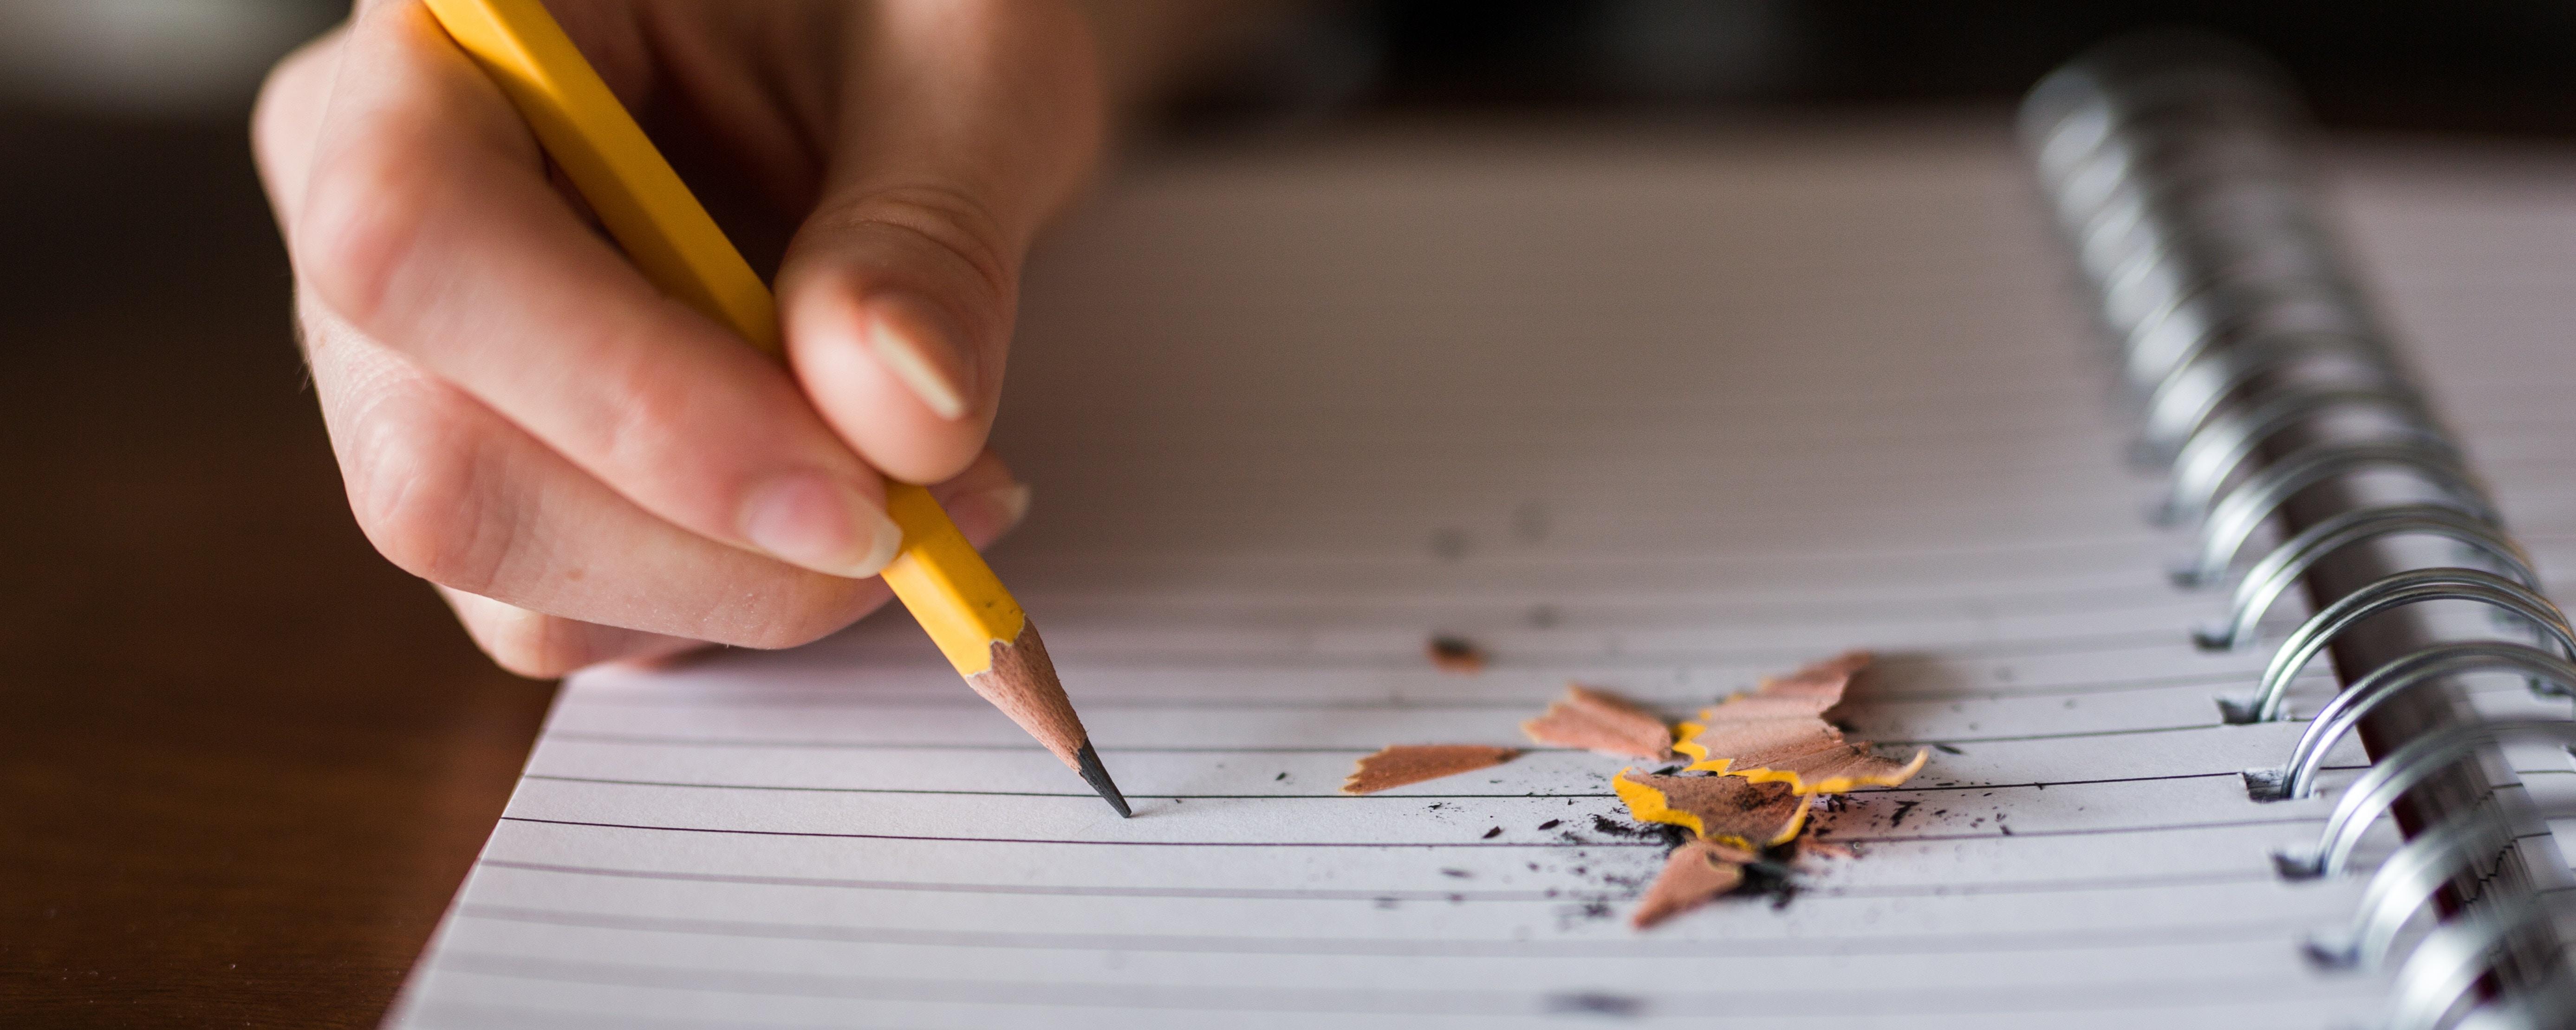 Handschriftliche Notizen auf einem Block